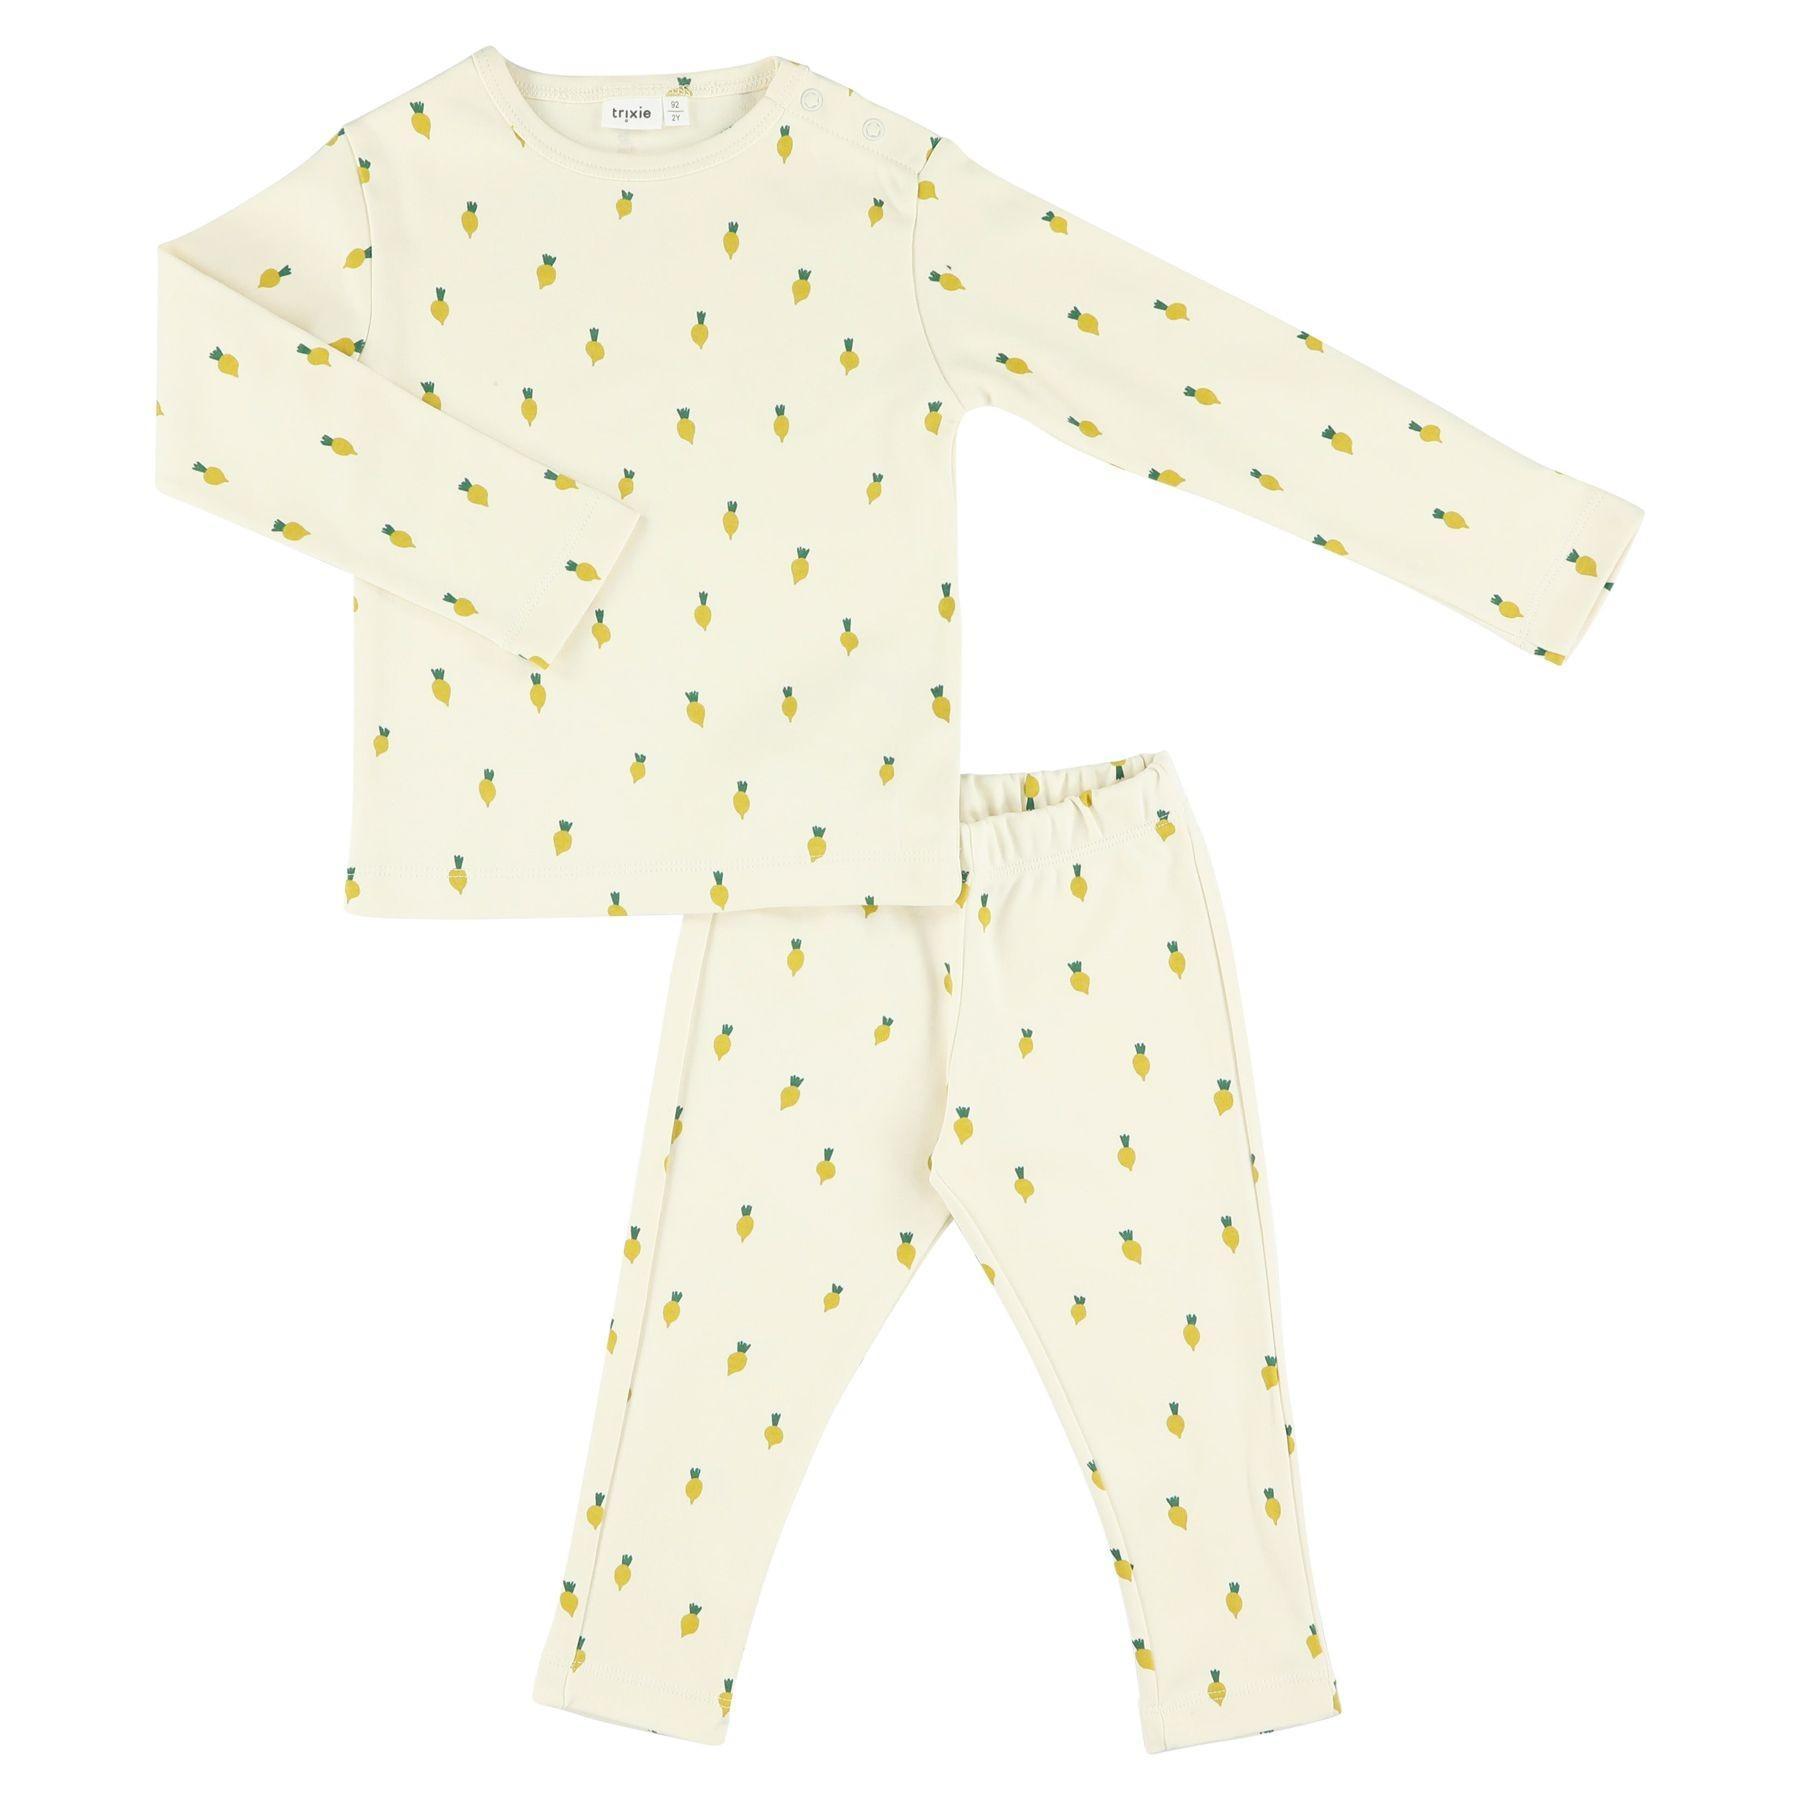 Trixie - 2-delige pyjama Tiny Turnip - 18-24M